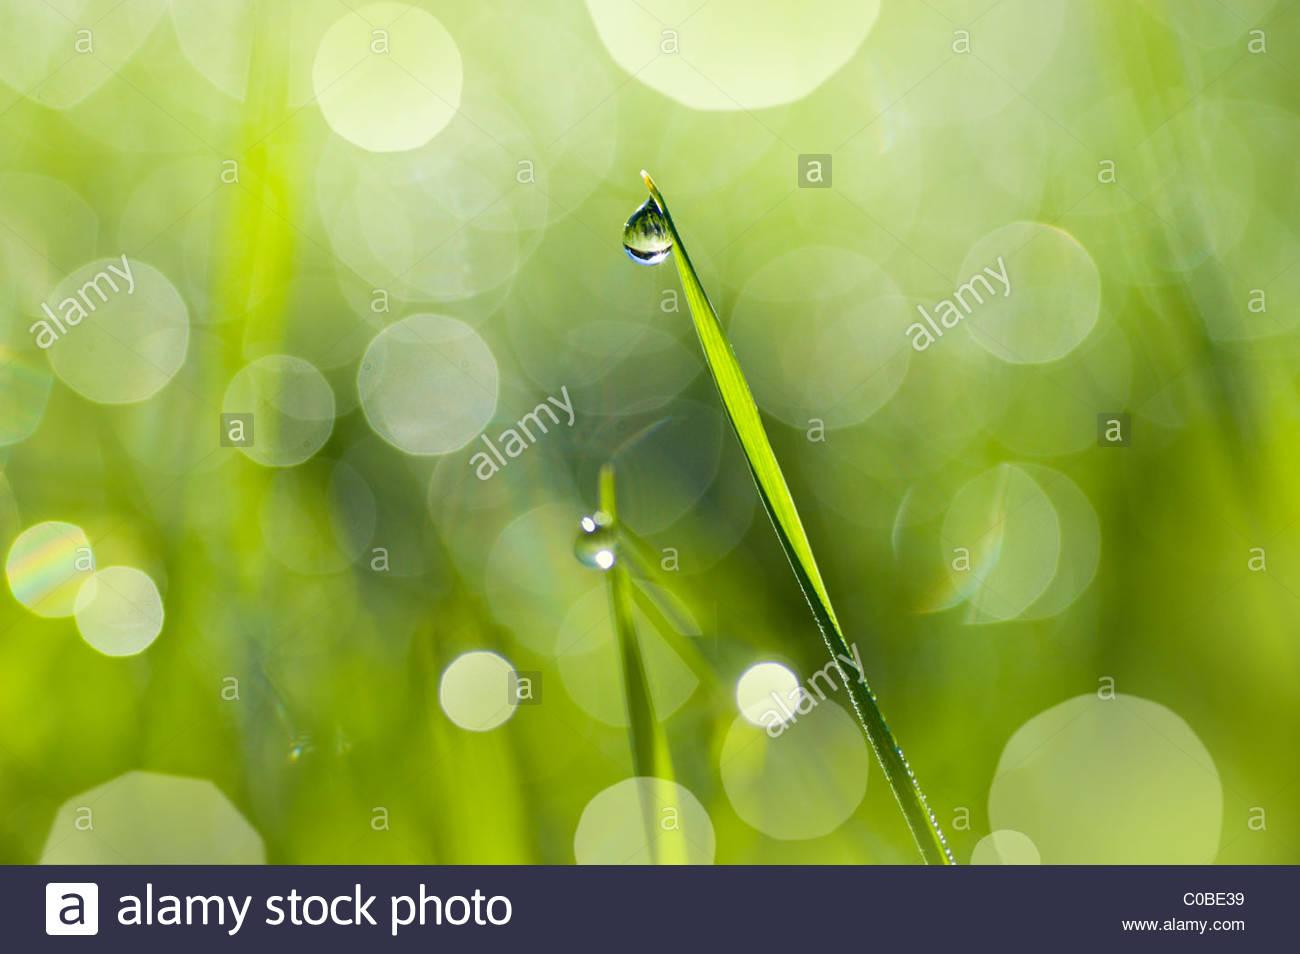 Gros plan d'une goutte de rosée sur un brin d'herbe. Photo Stock